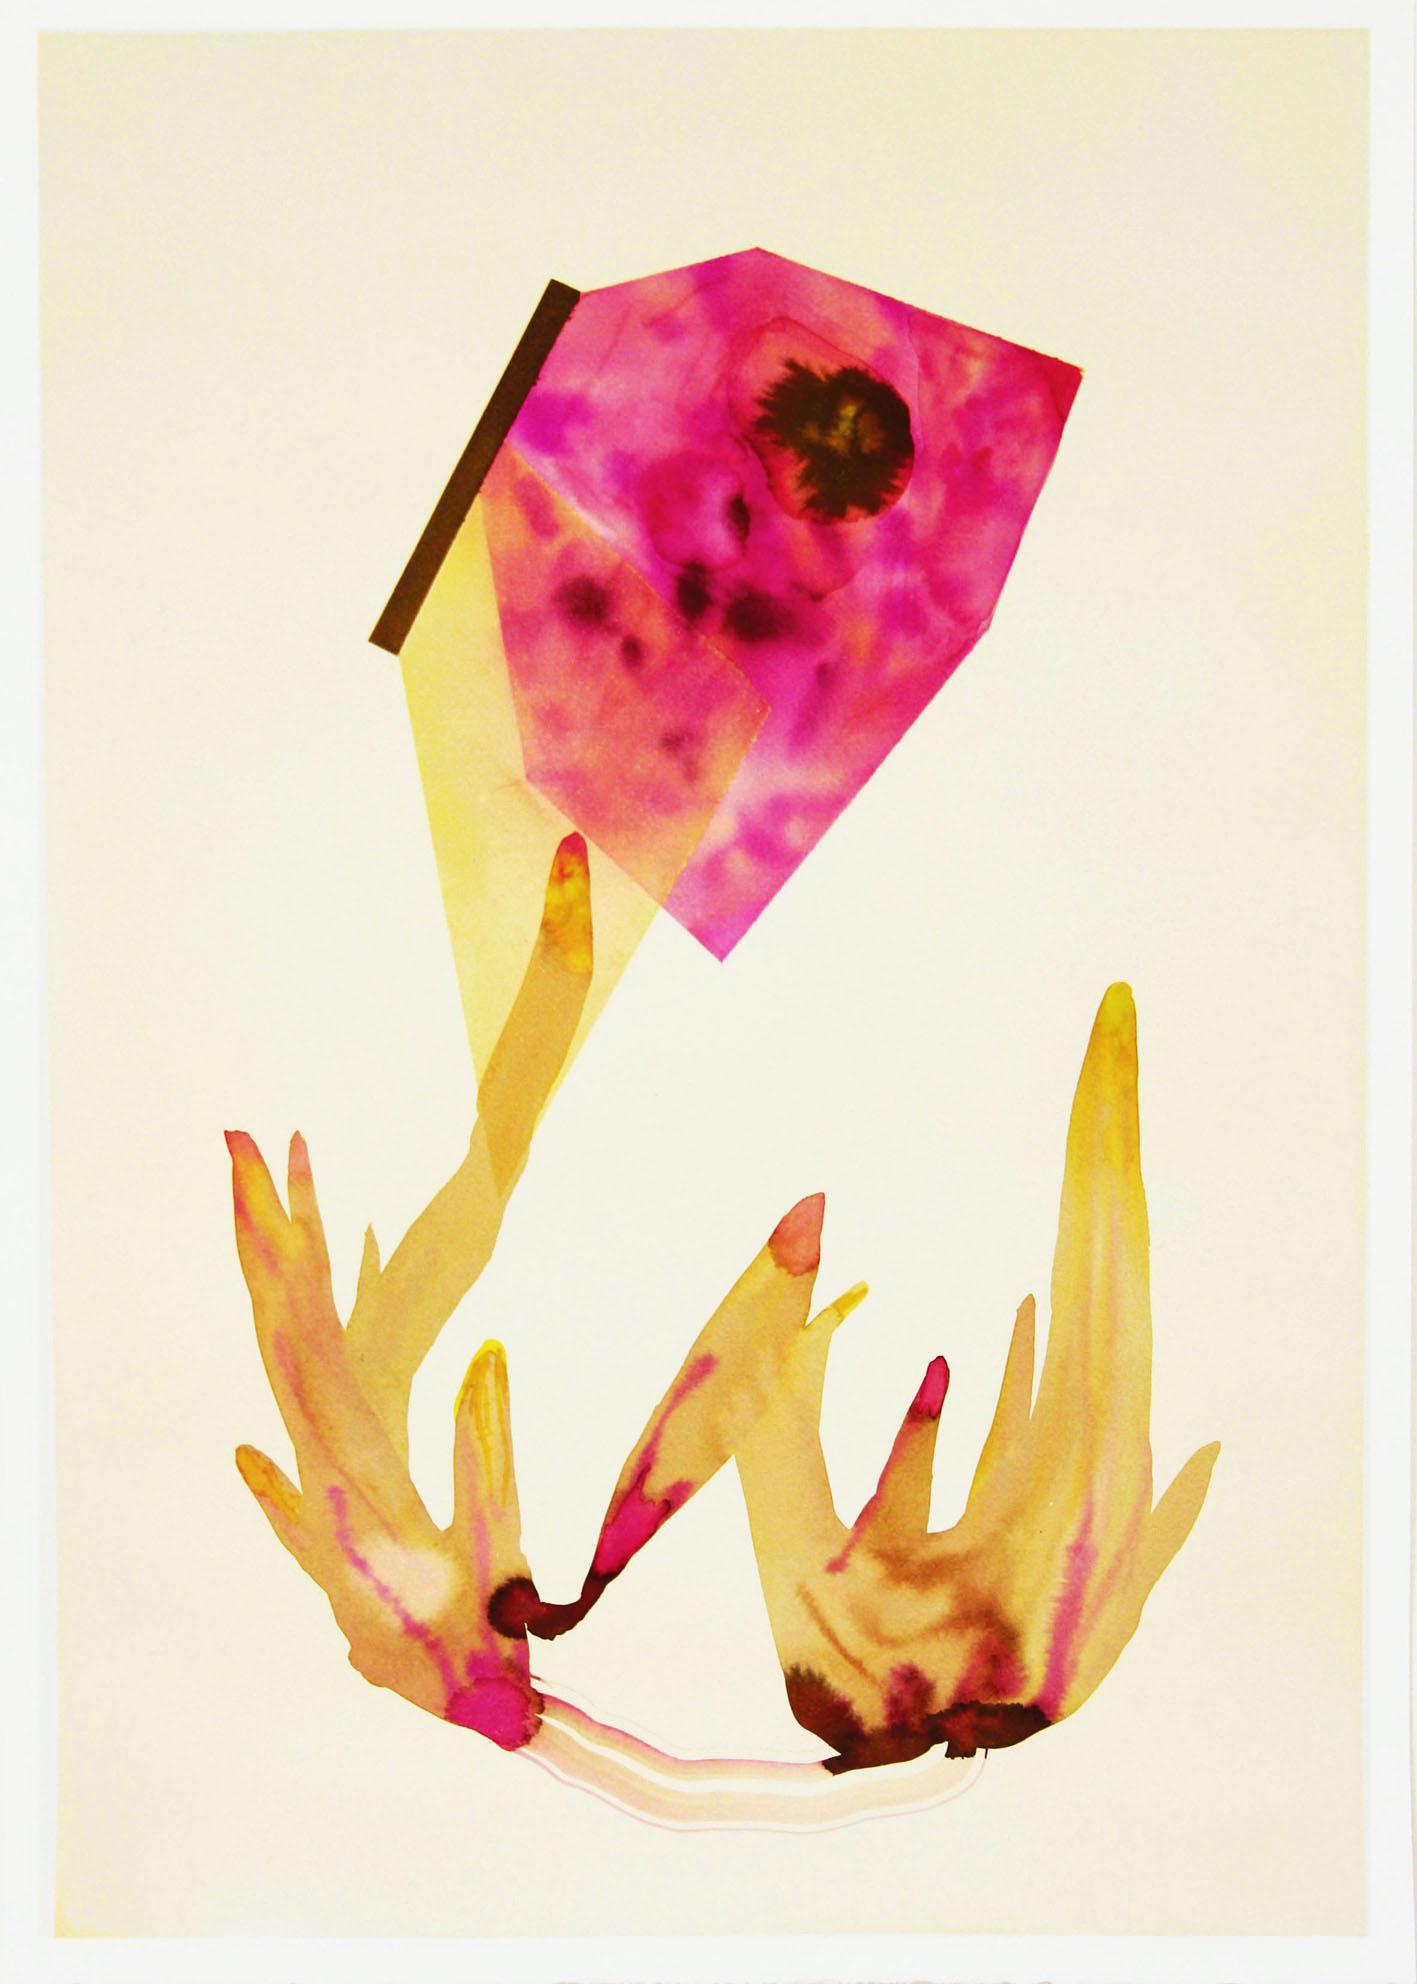 Isabella Nazzarri, Sistema Innaturale 10, acquerello su carta, 70x50 cm, 2015